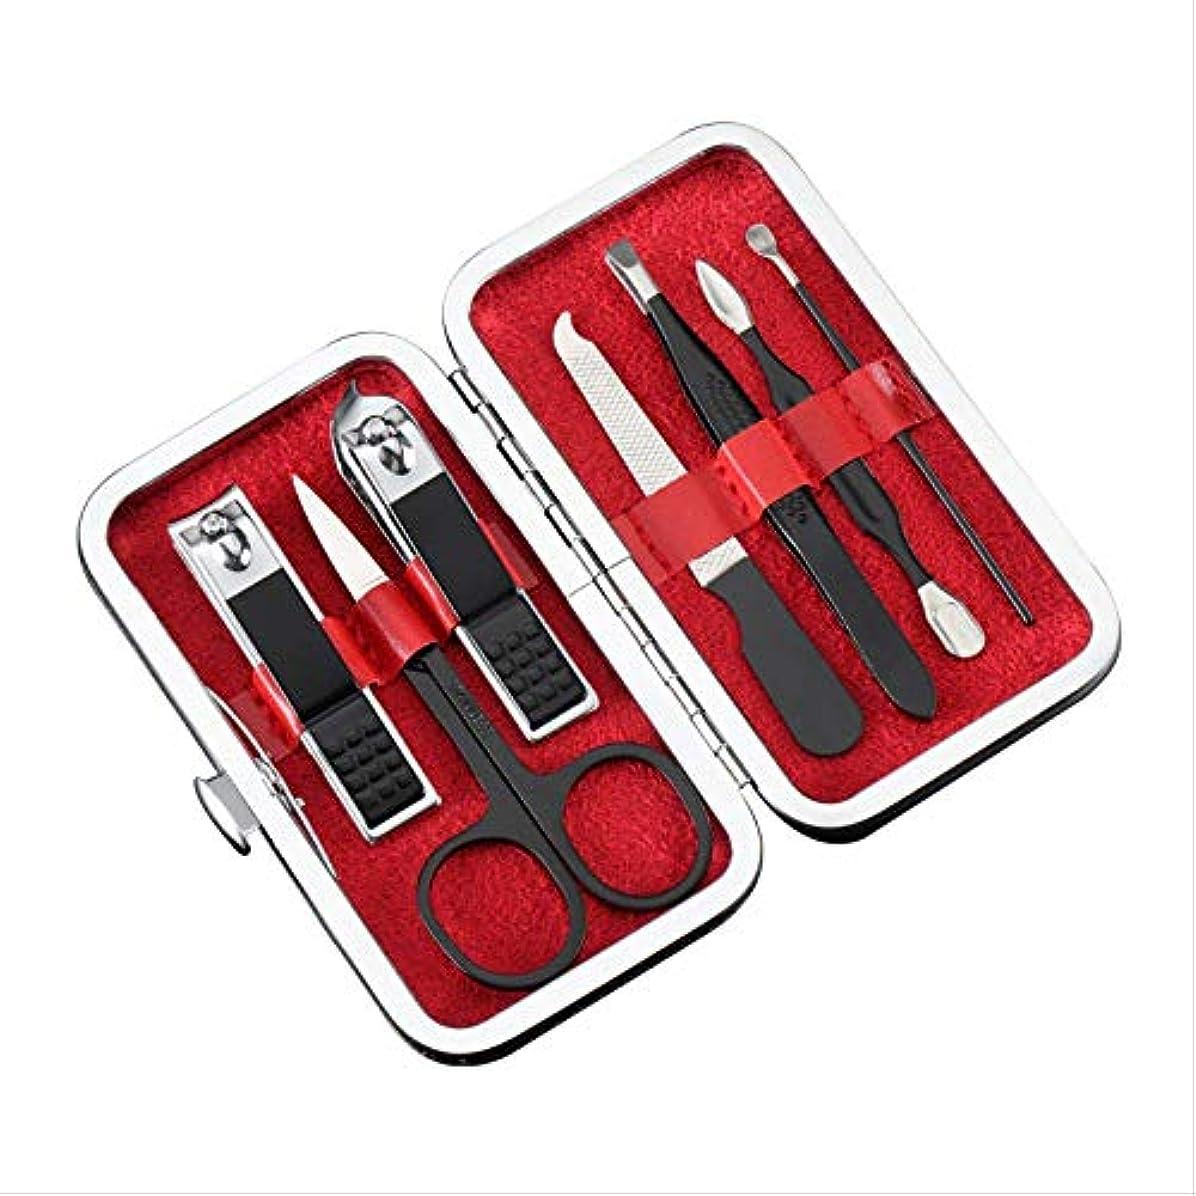 採用する飛行機アドバンテージ7点セット爪切り爪切り爪切りセット美容爪ツールキット 赤